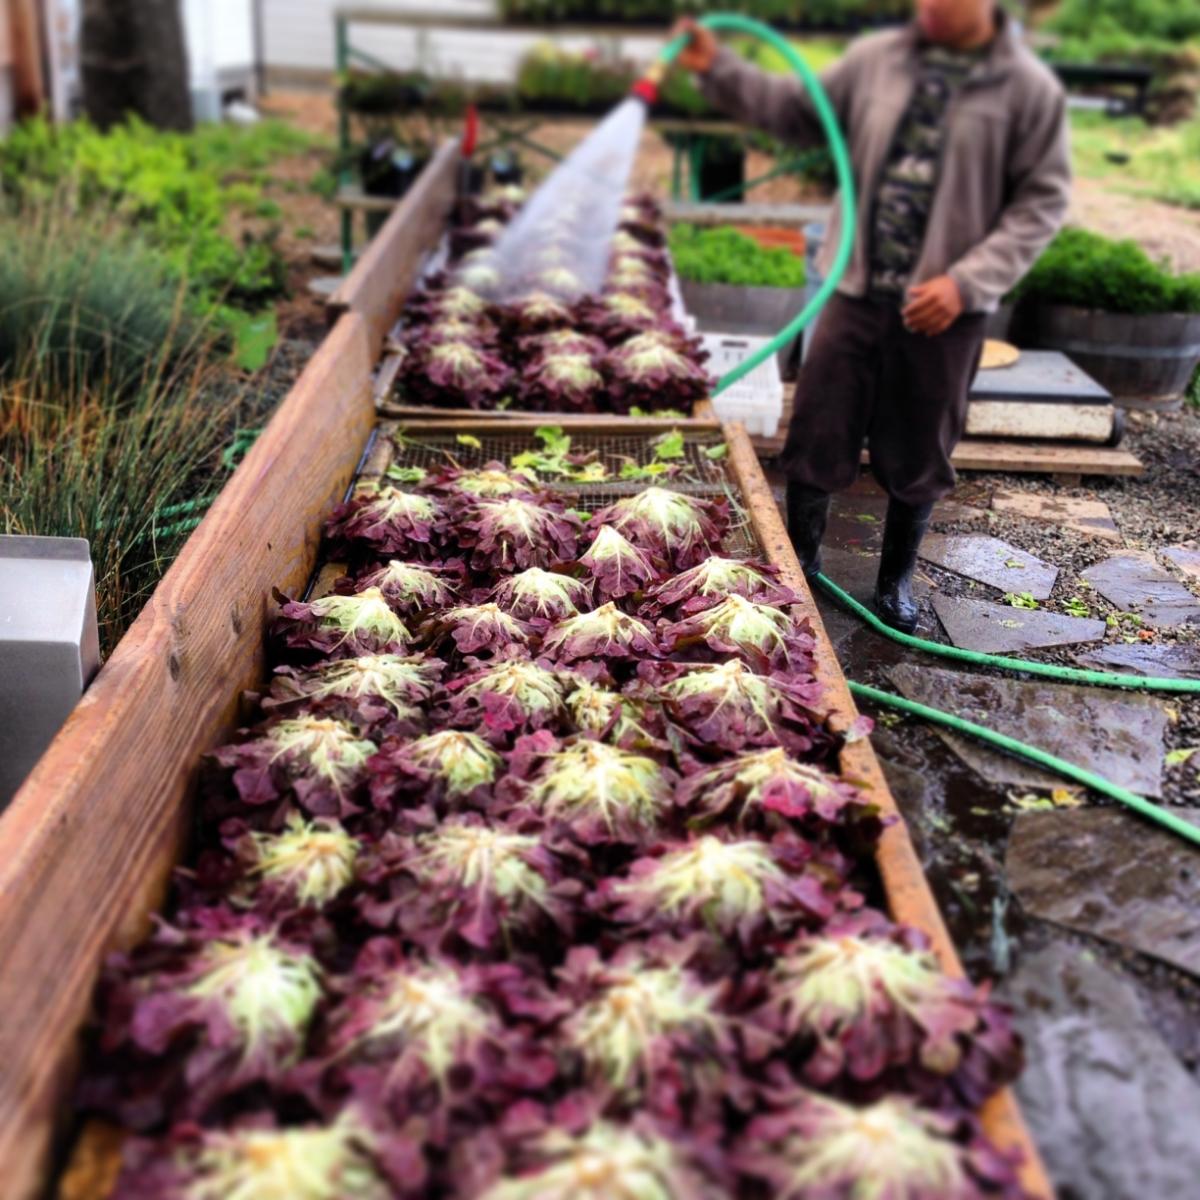 Washing harvest, photo courtesy The French Laundry